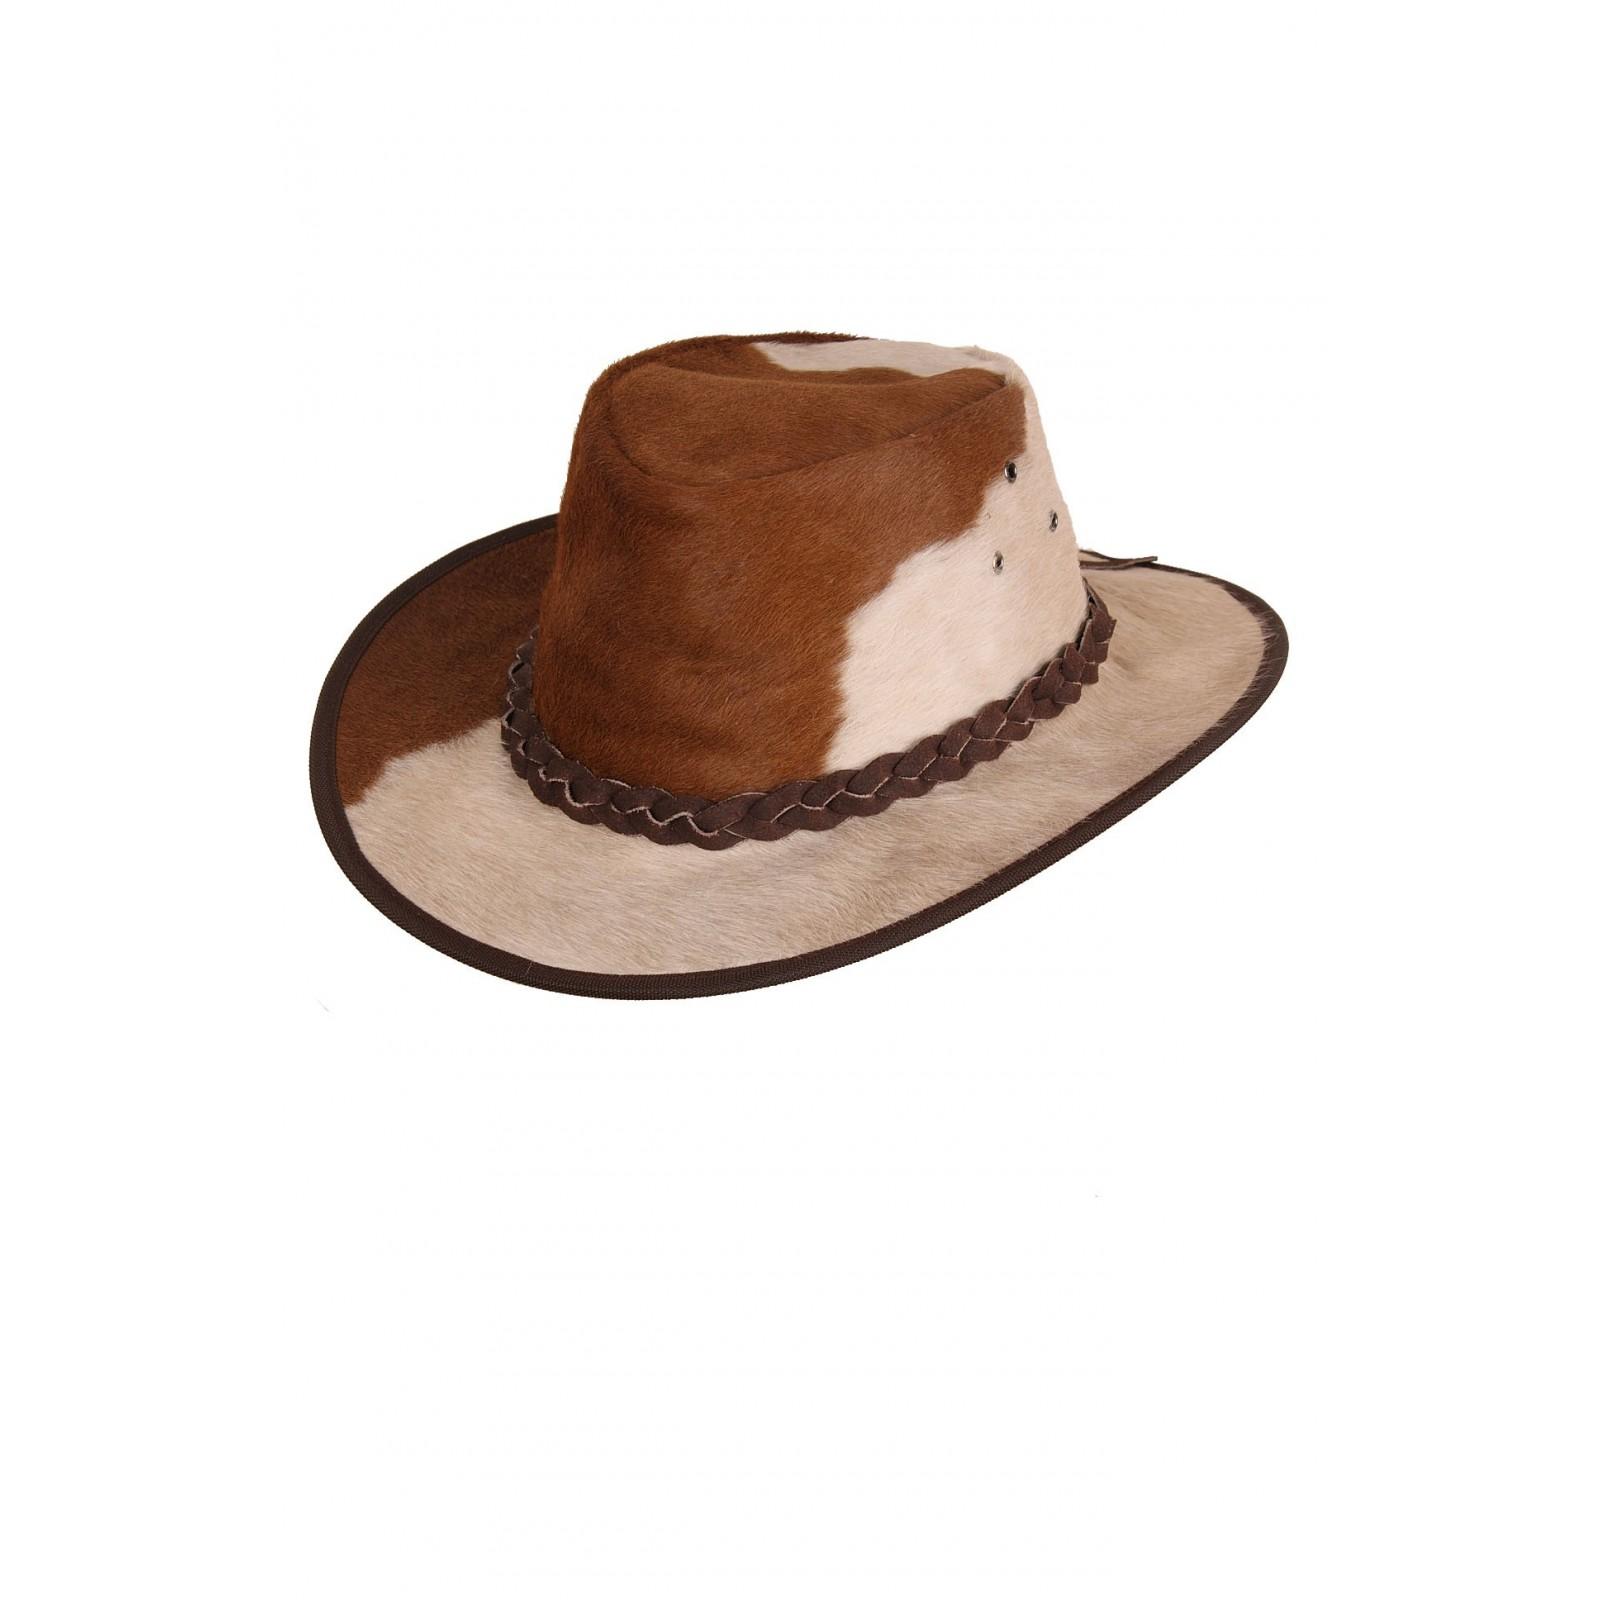 Australische lederen hoed